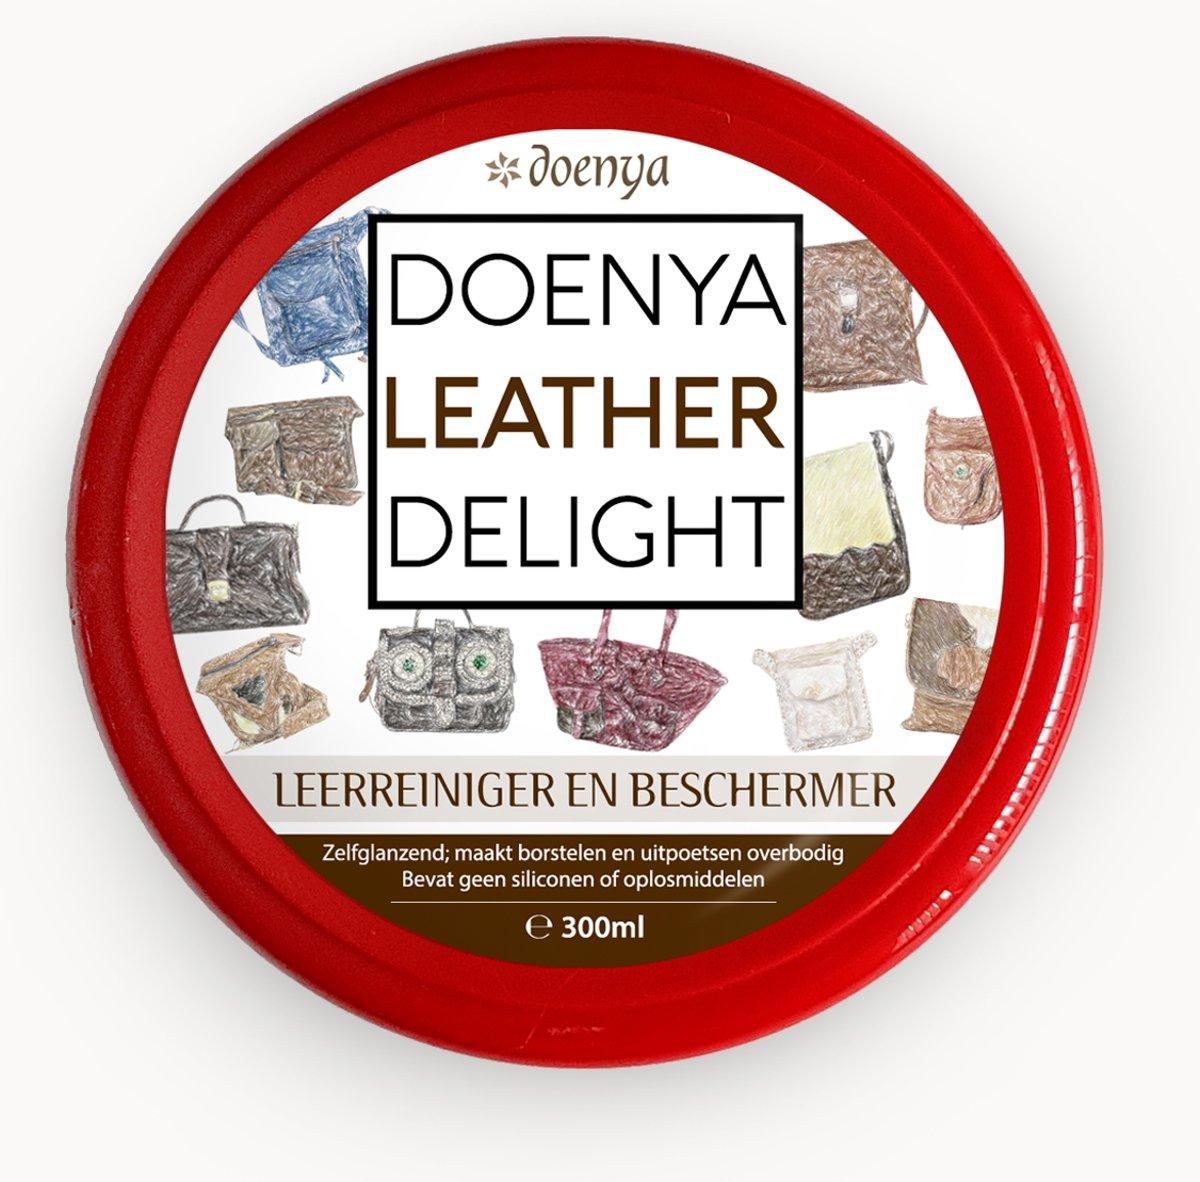 Doenya Leather Delight - LEDERREINIGER EN BESCHERMER (300ml) kopen